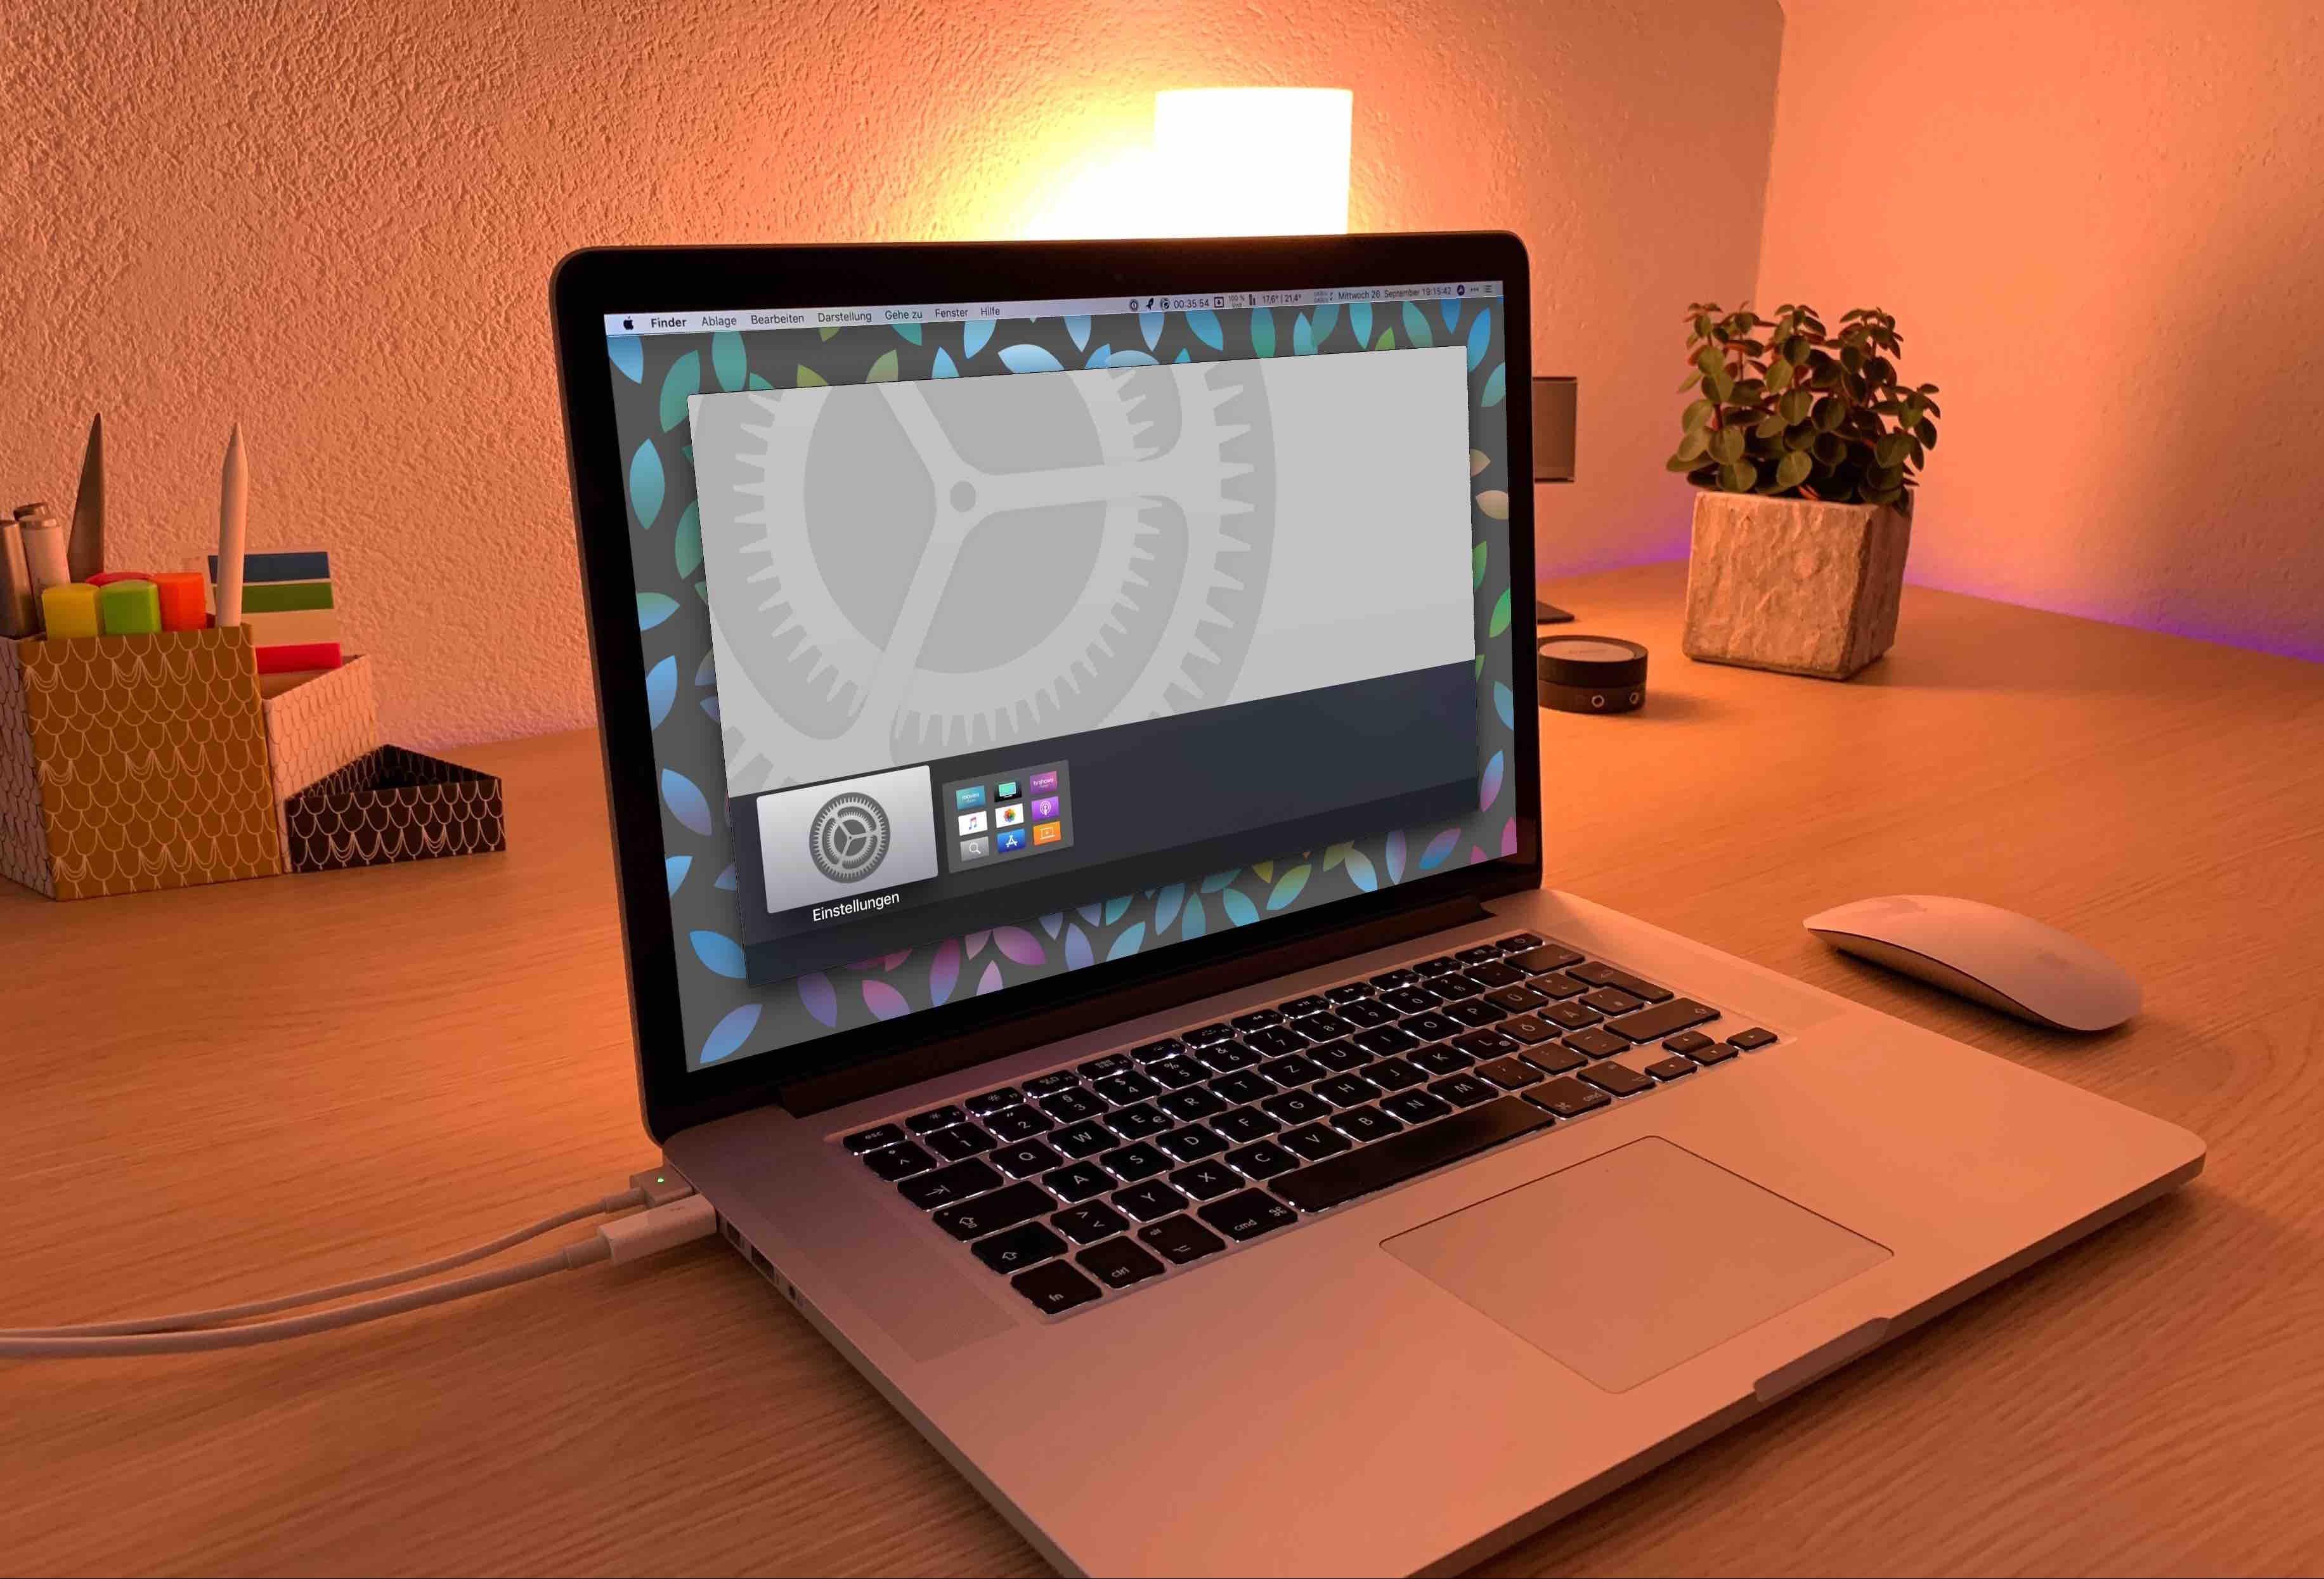 Apple_TV_Remote_iOS3-e1541855361174 Tipp: So nimmst du den Bildschirminhalt von deinem Apple TV auf